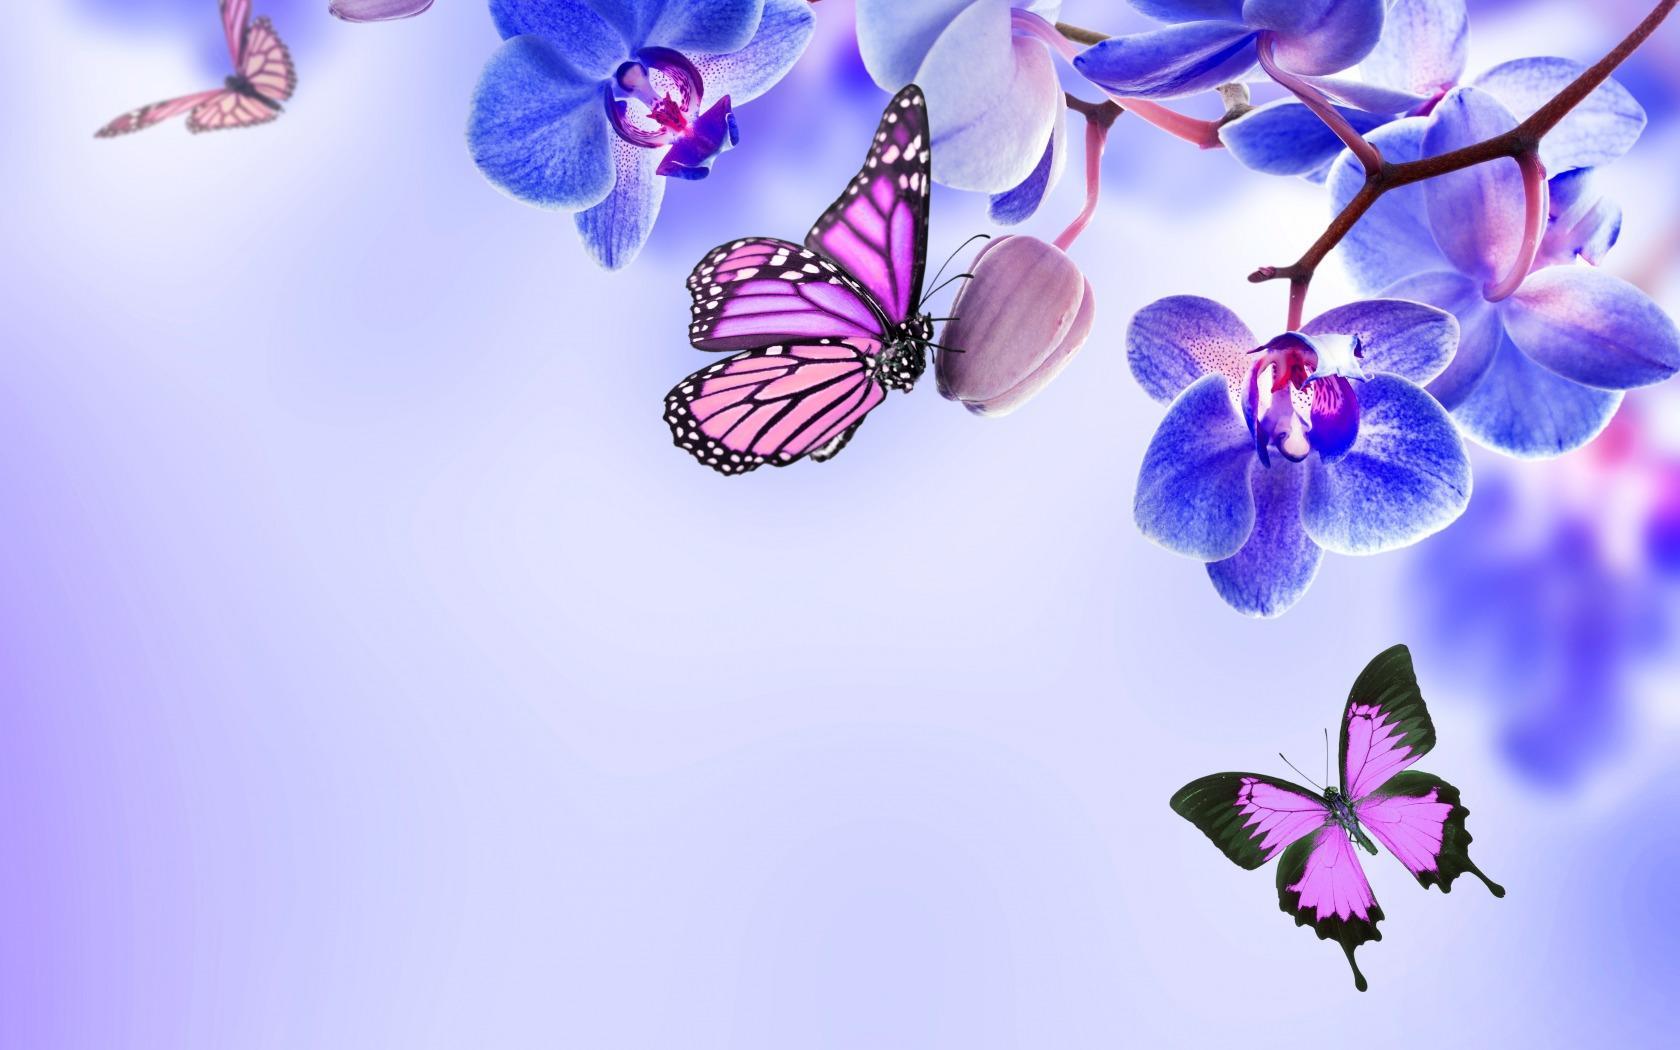 Butterflies Laptop Wallpapers Top Free Butterflies Laptop